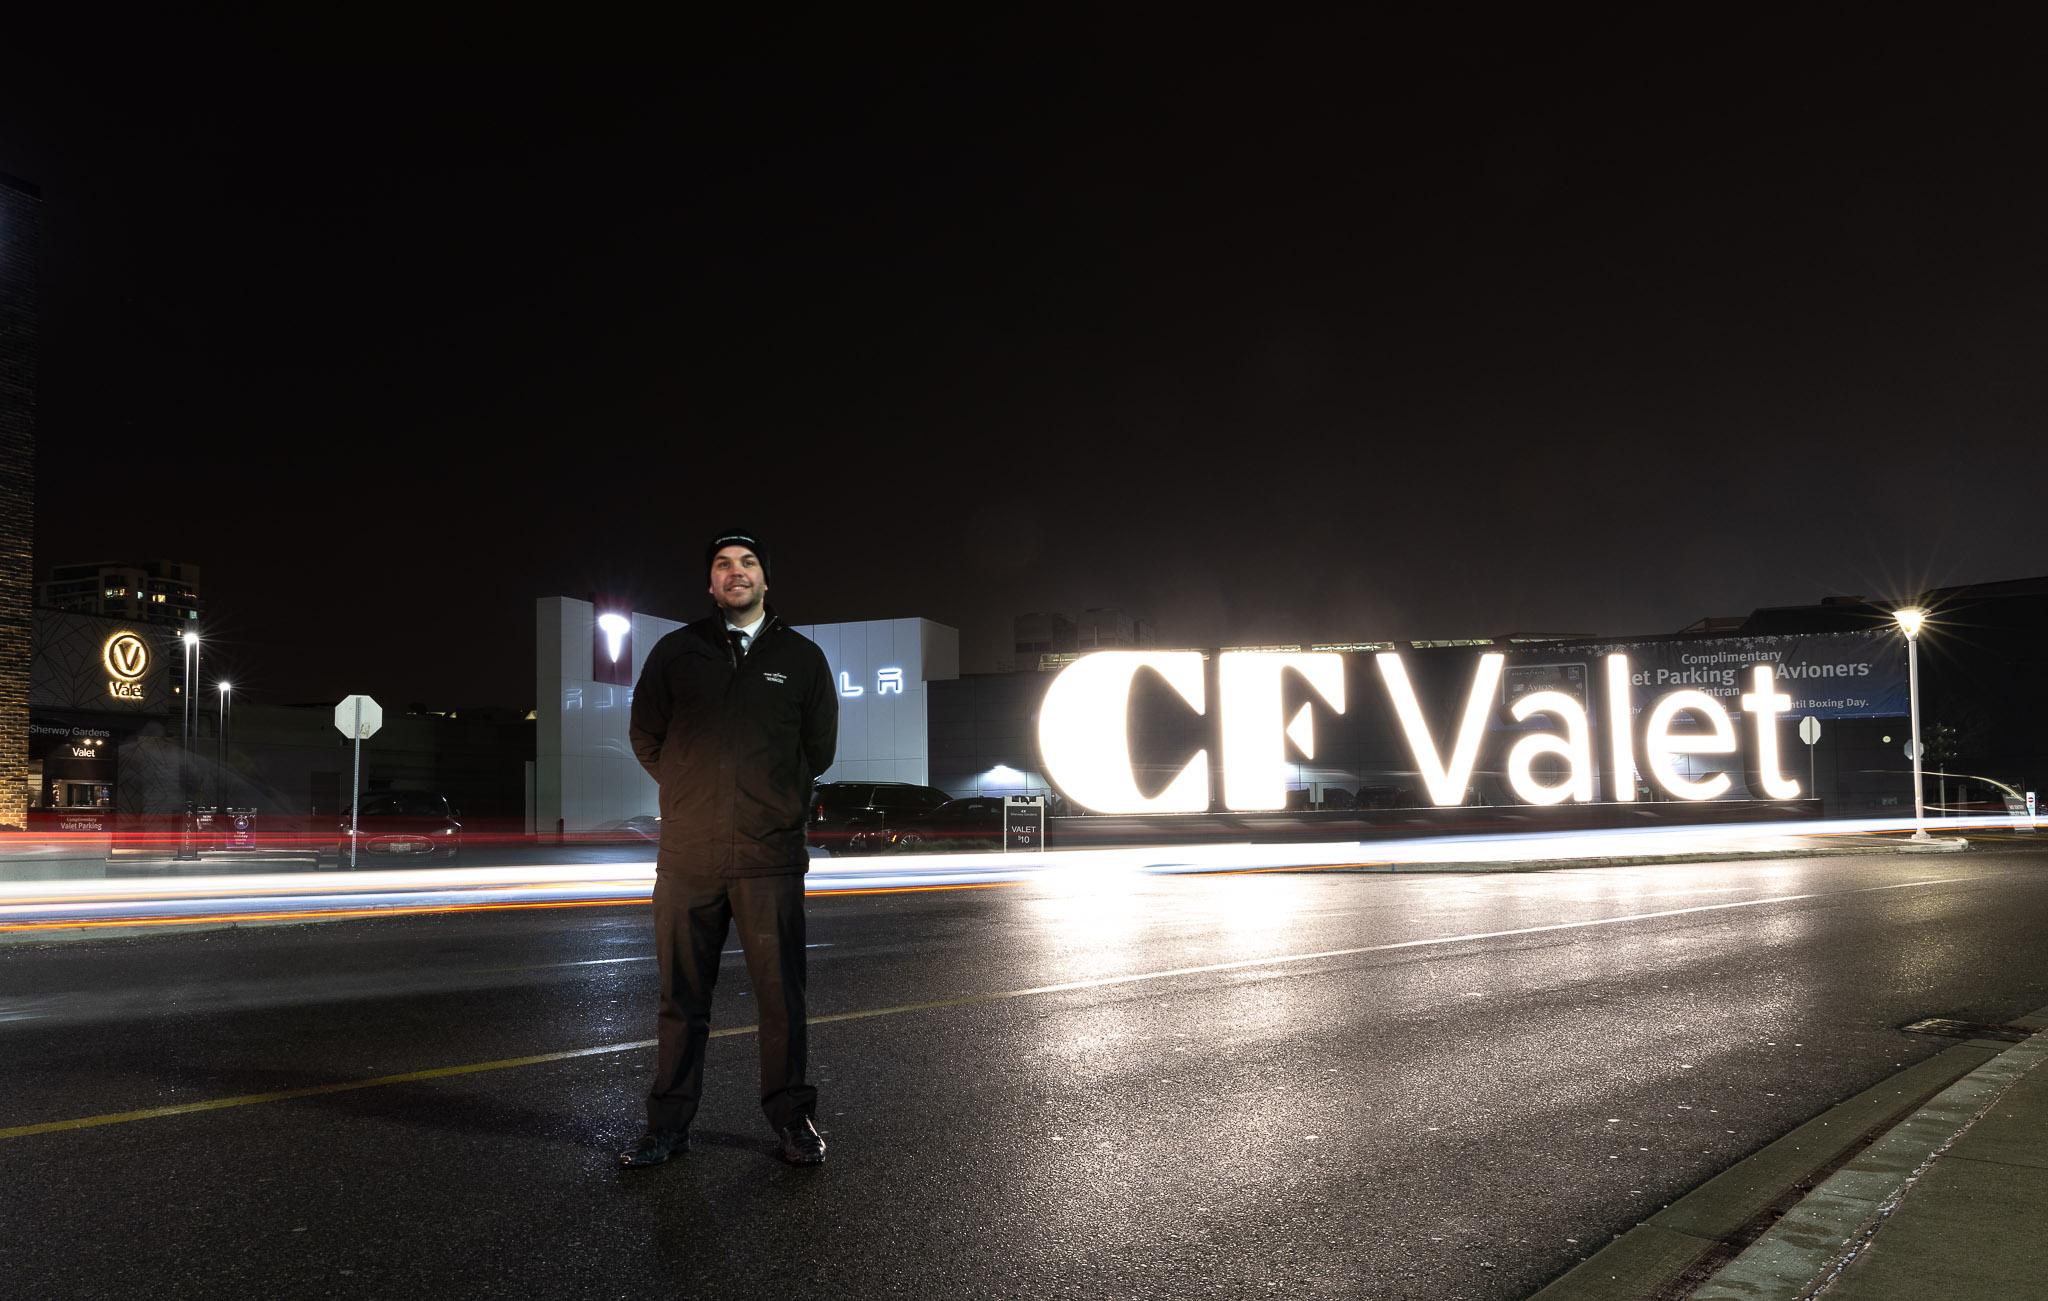 CFVALET-2.jpg